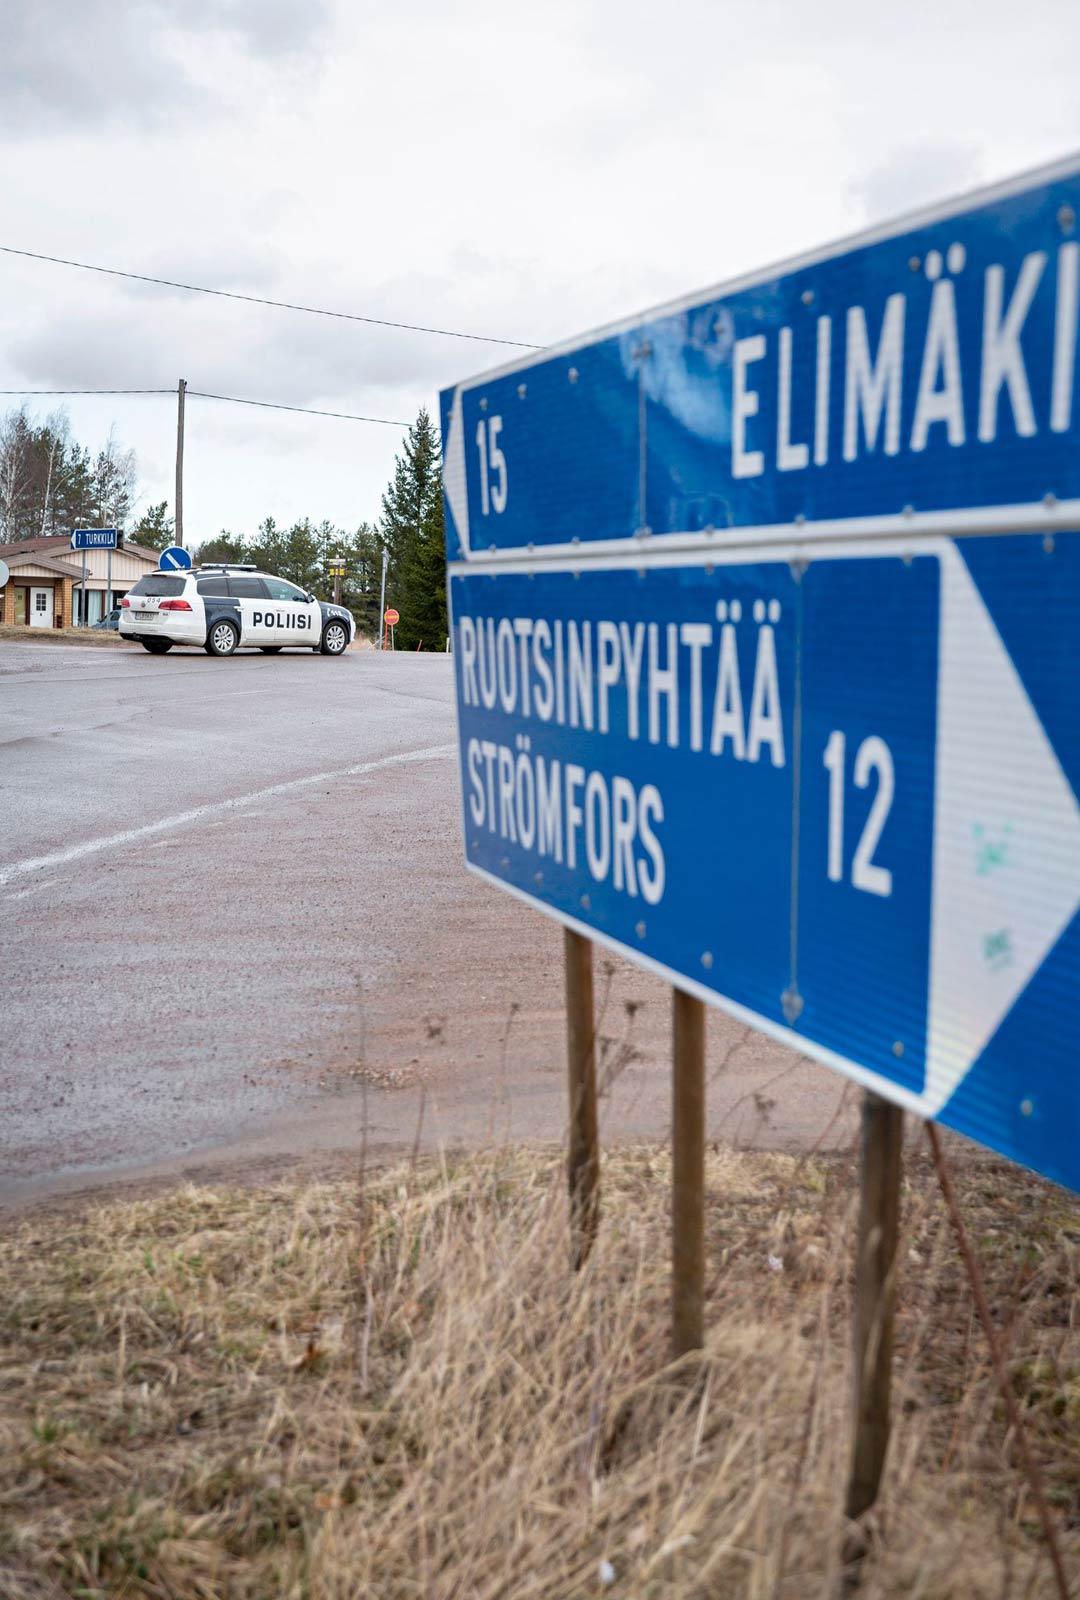 Ruotsinkylässä poliisin tiesulku oli viritetty tienristeykseen kyläkaupan kylkeen.